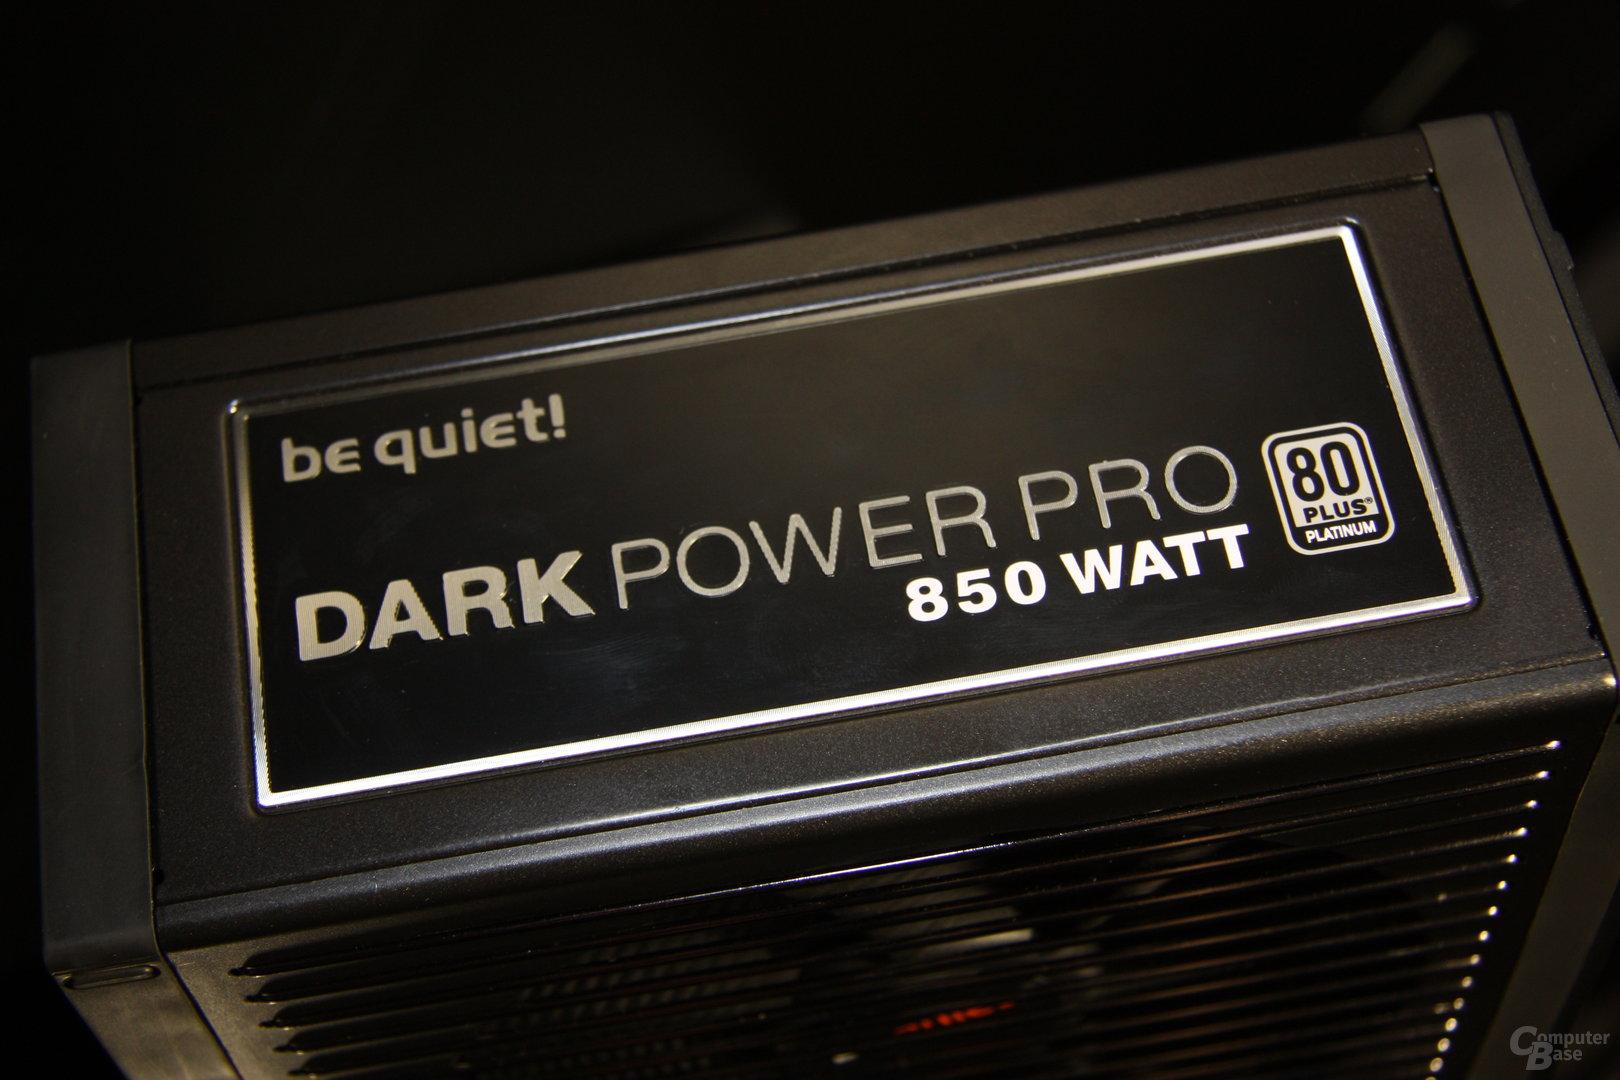 be quiet! Dark Power Pro P10 850W 80 Plus Platinum